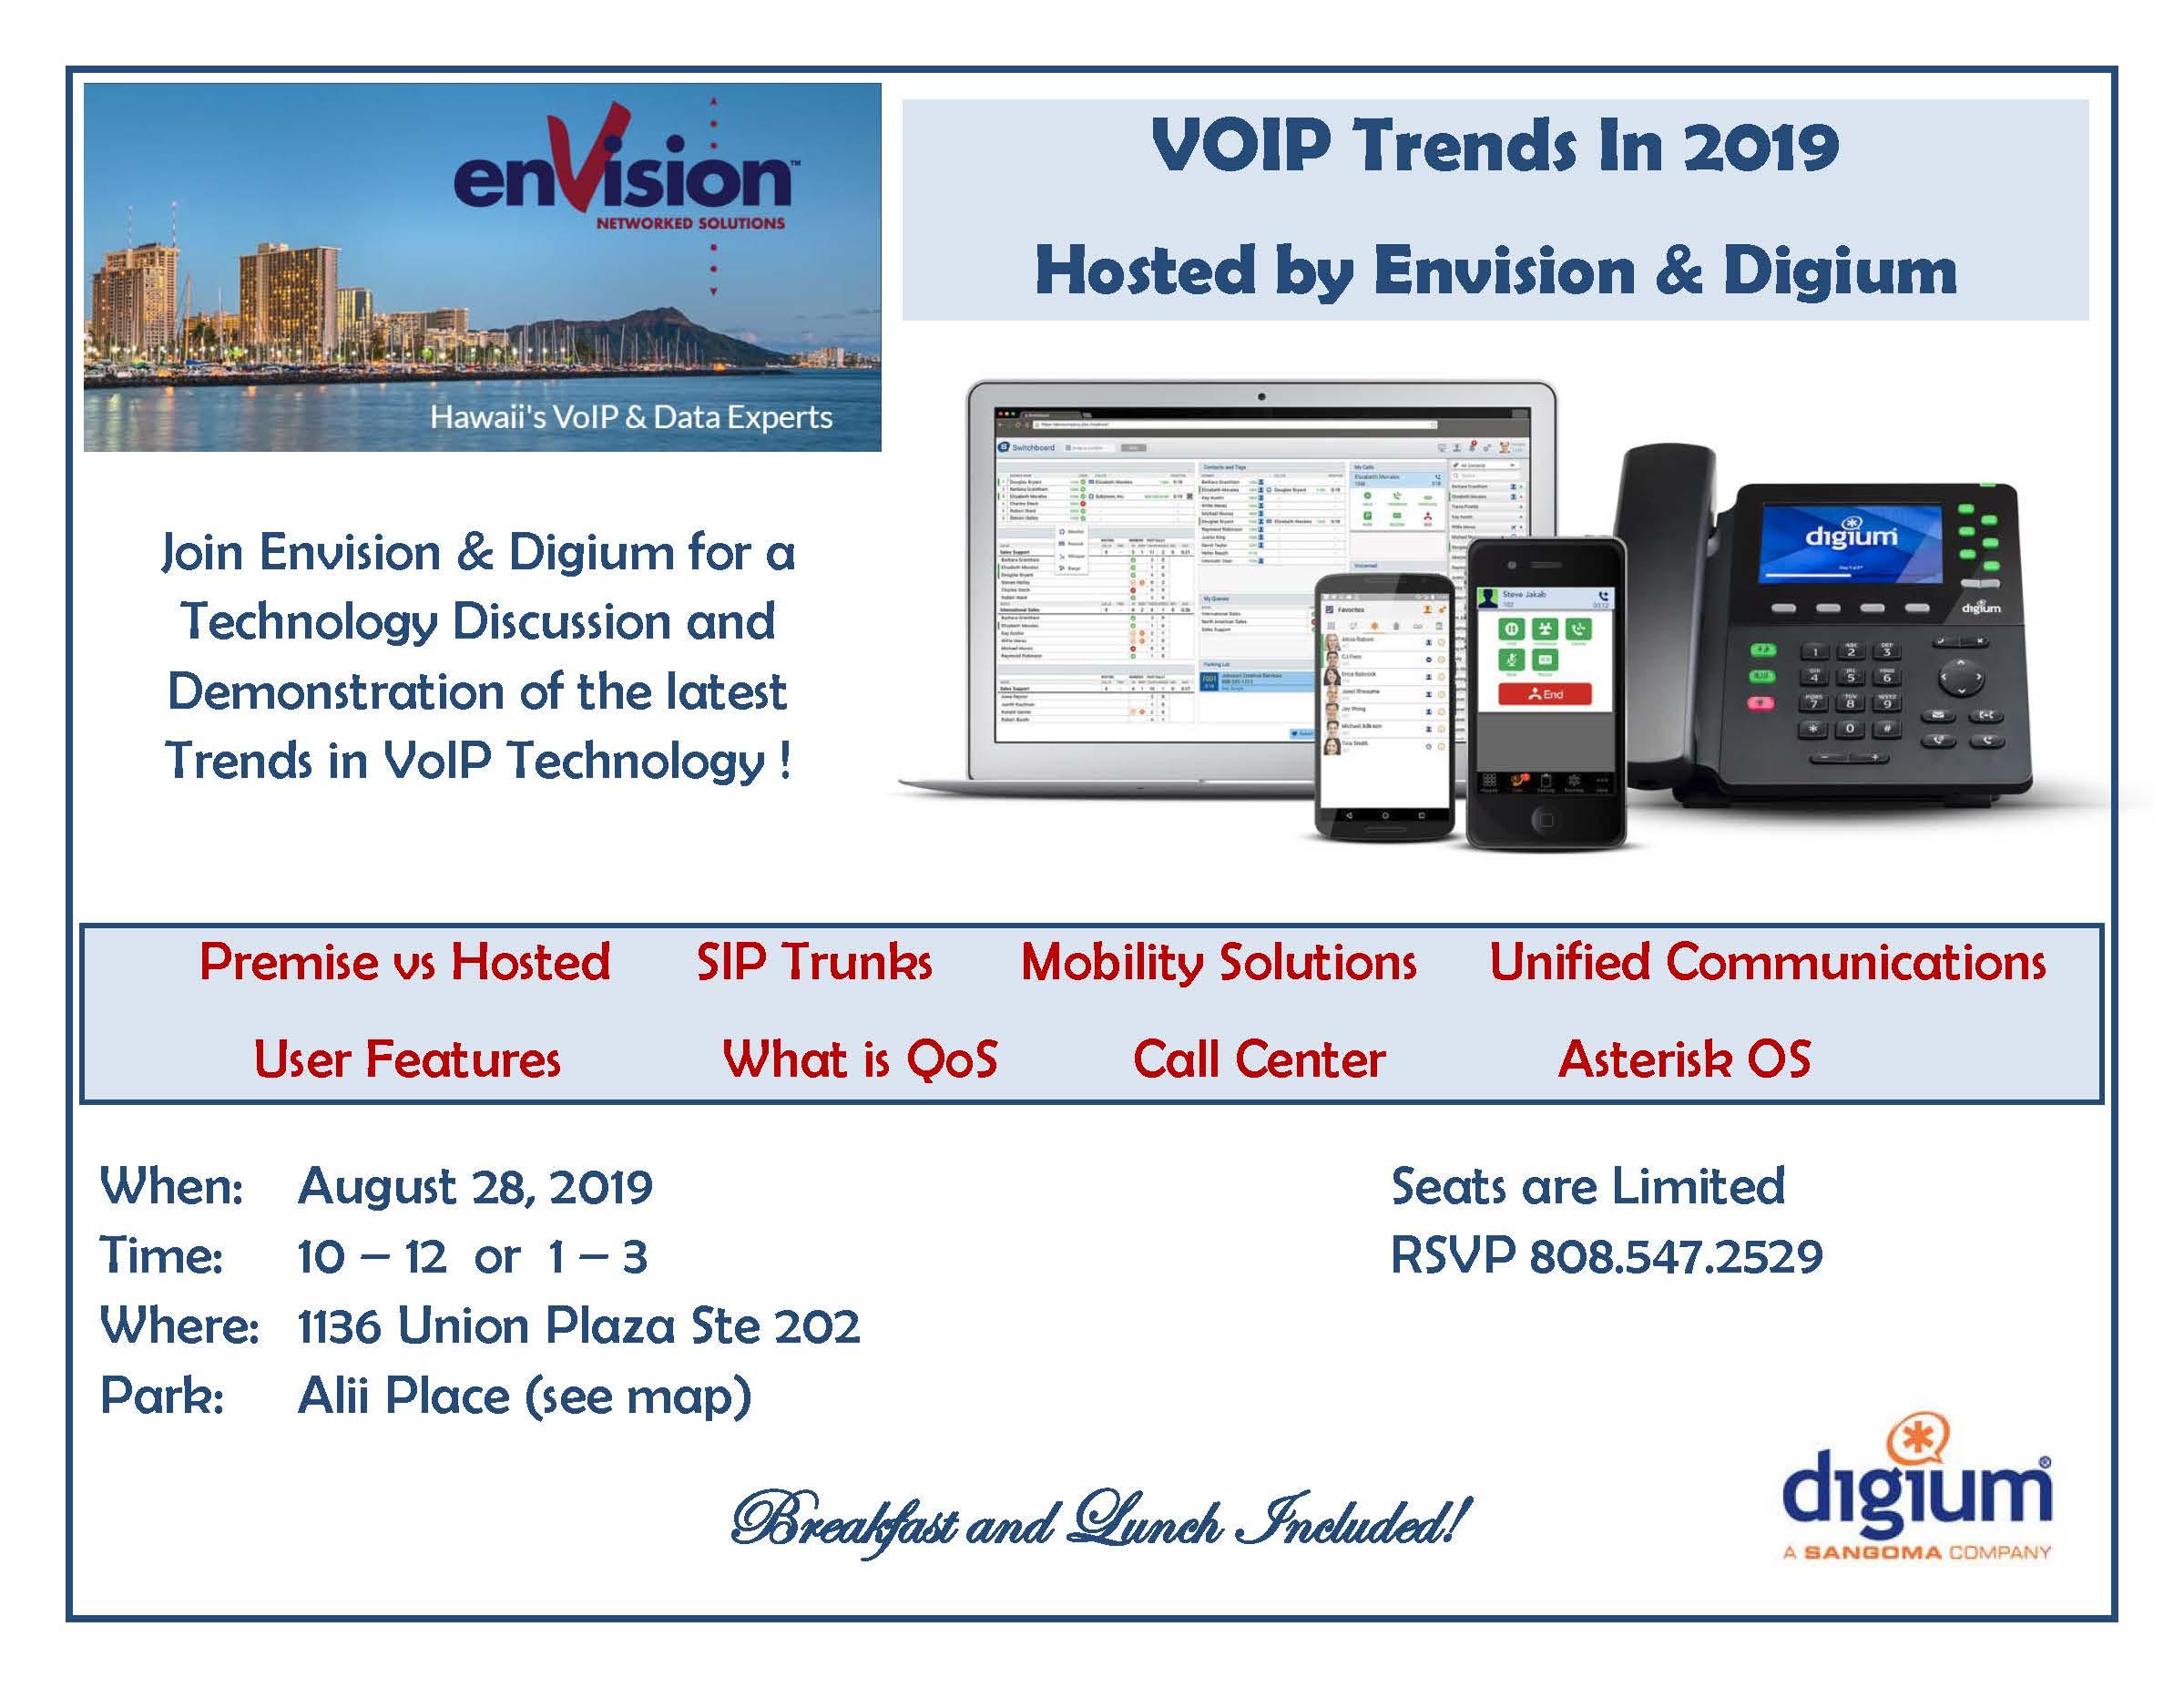 voip-trends-in-2019-2